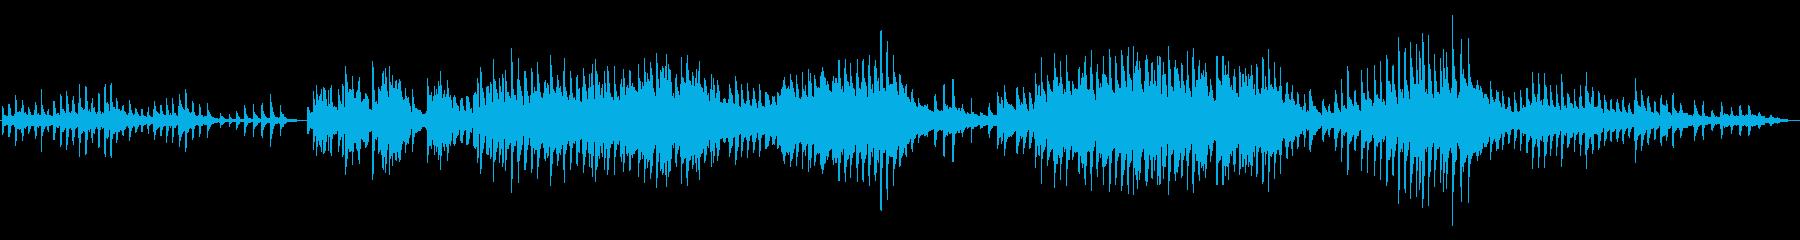 やさしく穏やかなゆったりとしたピアノ曲の再生済みの波形